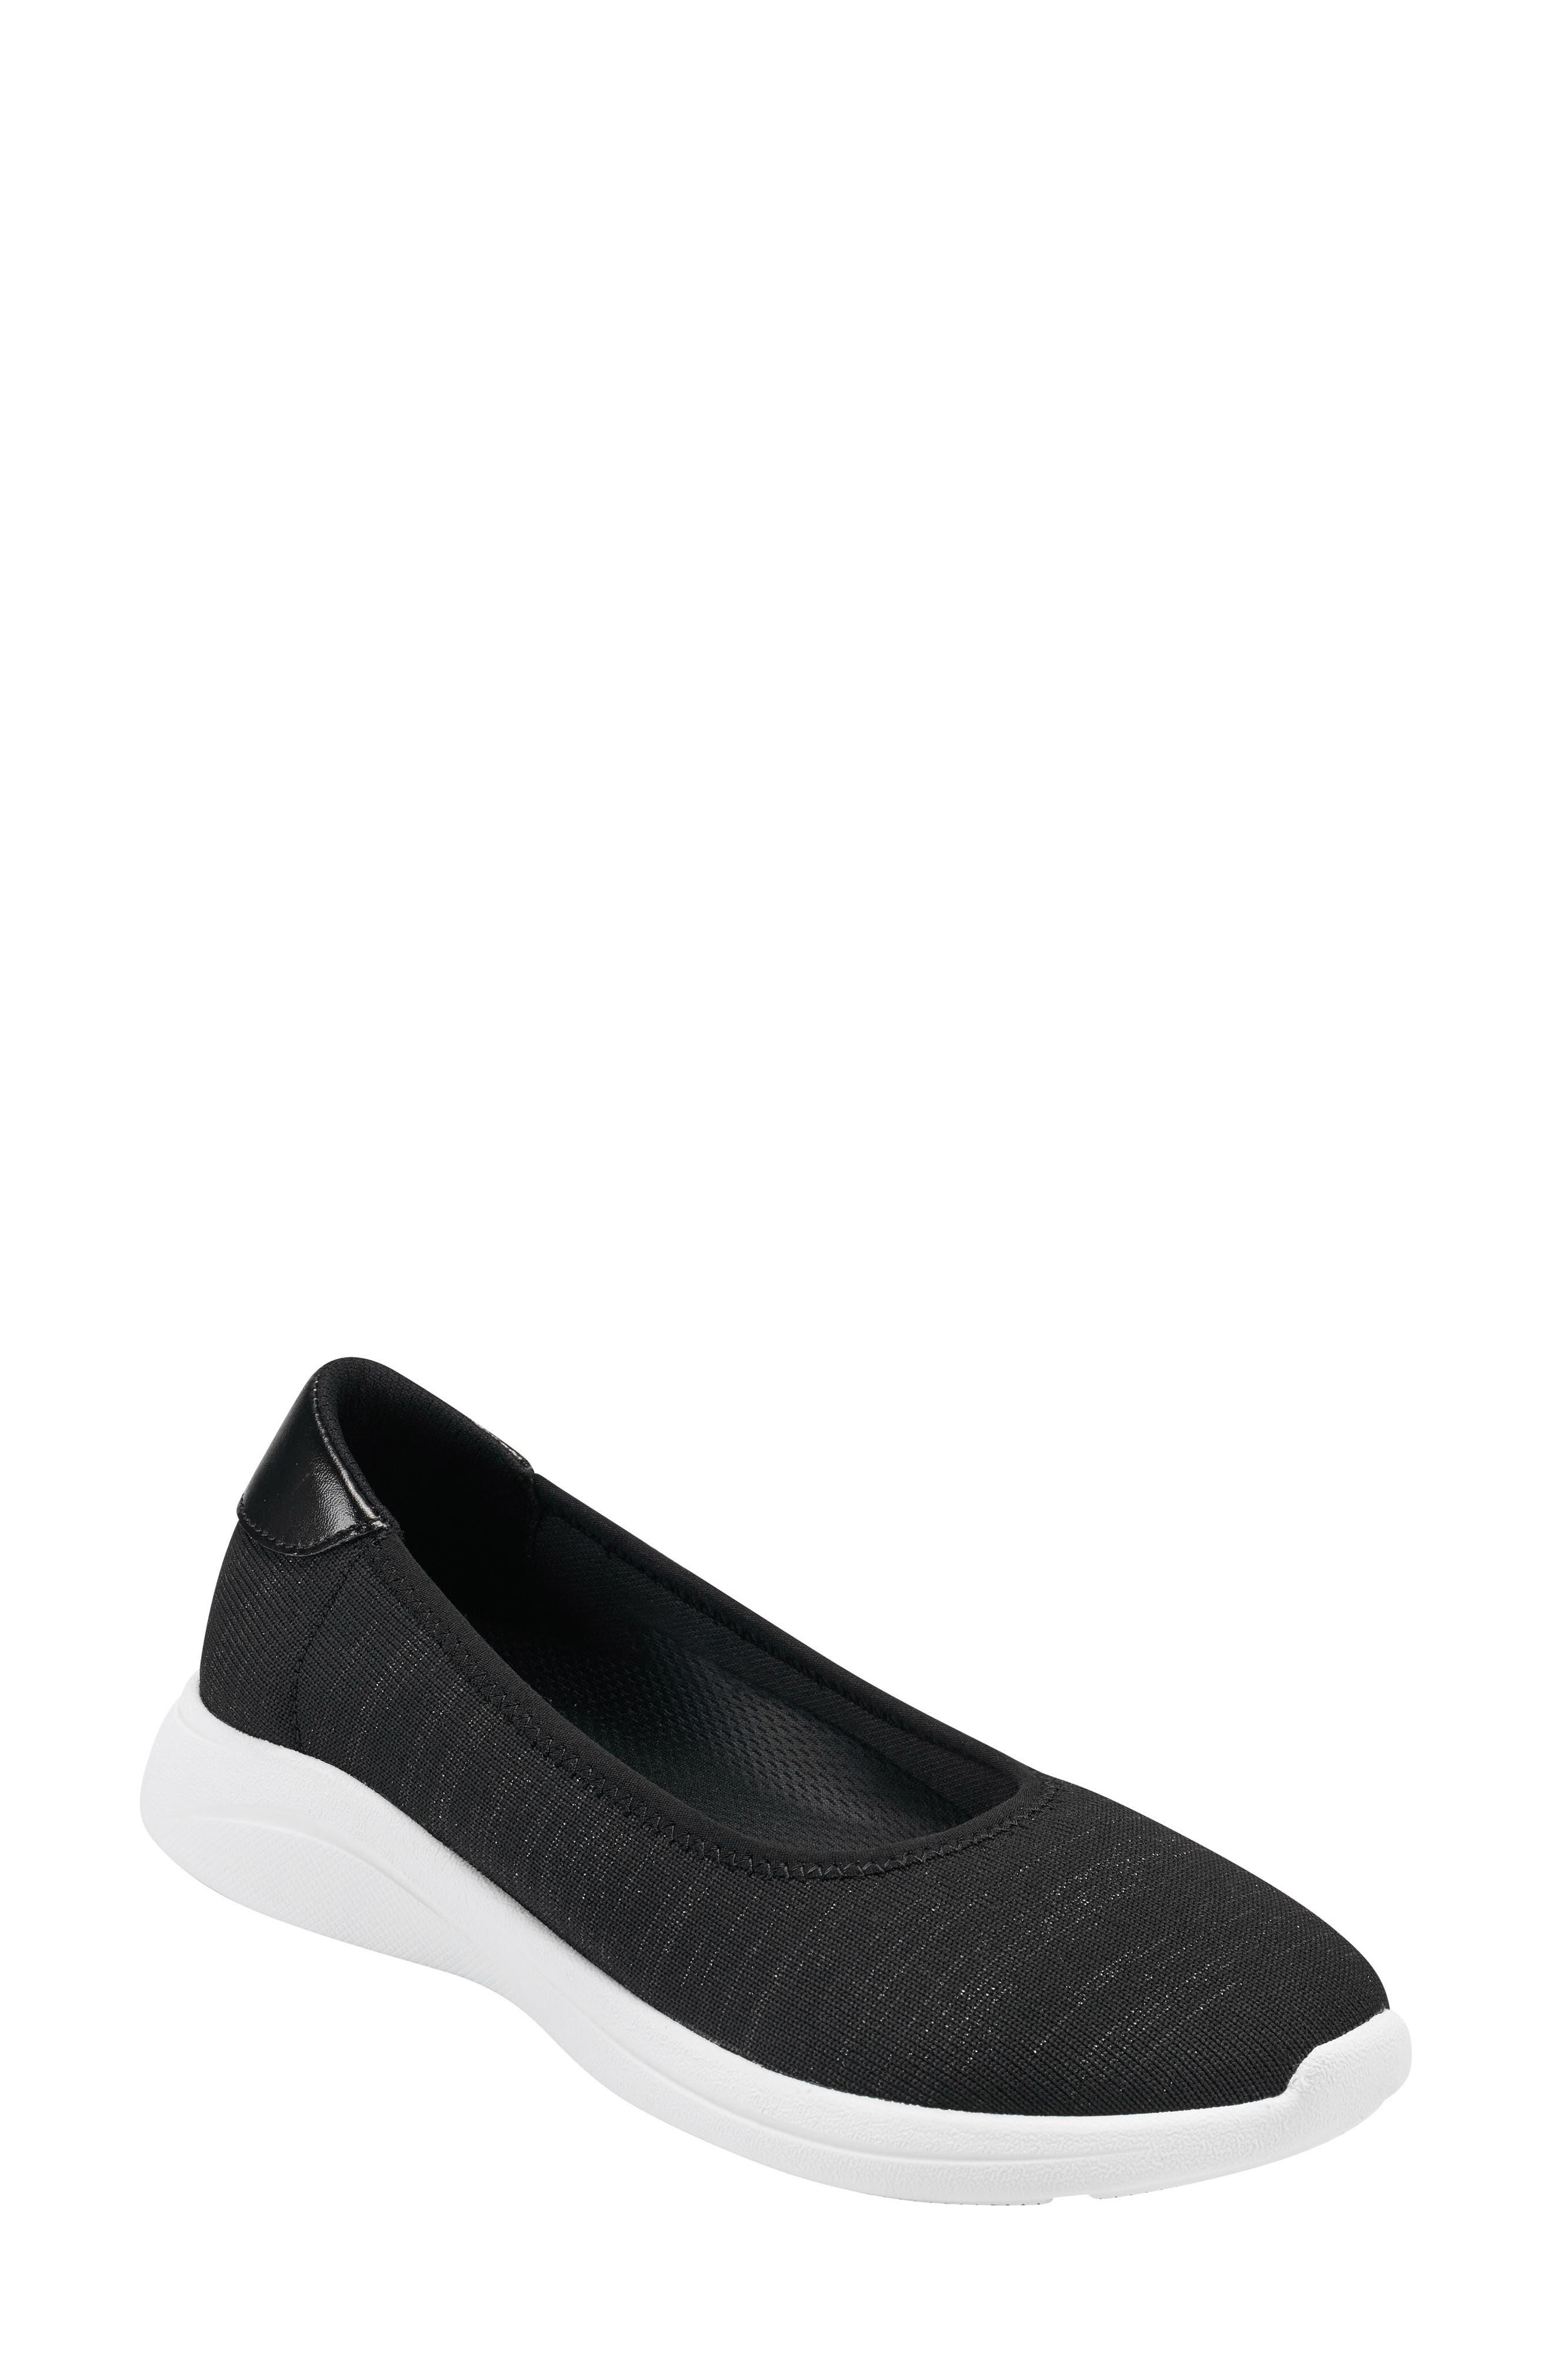 Nable Slip-On Sneaker